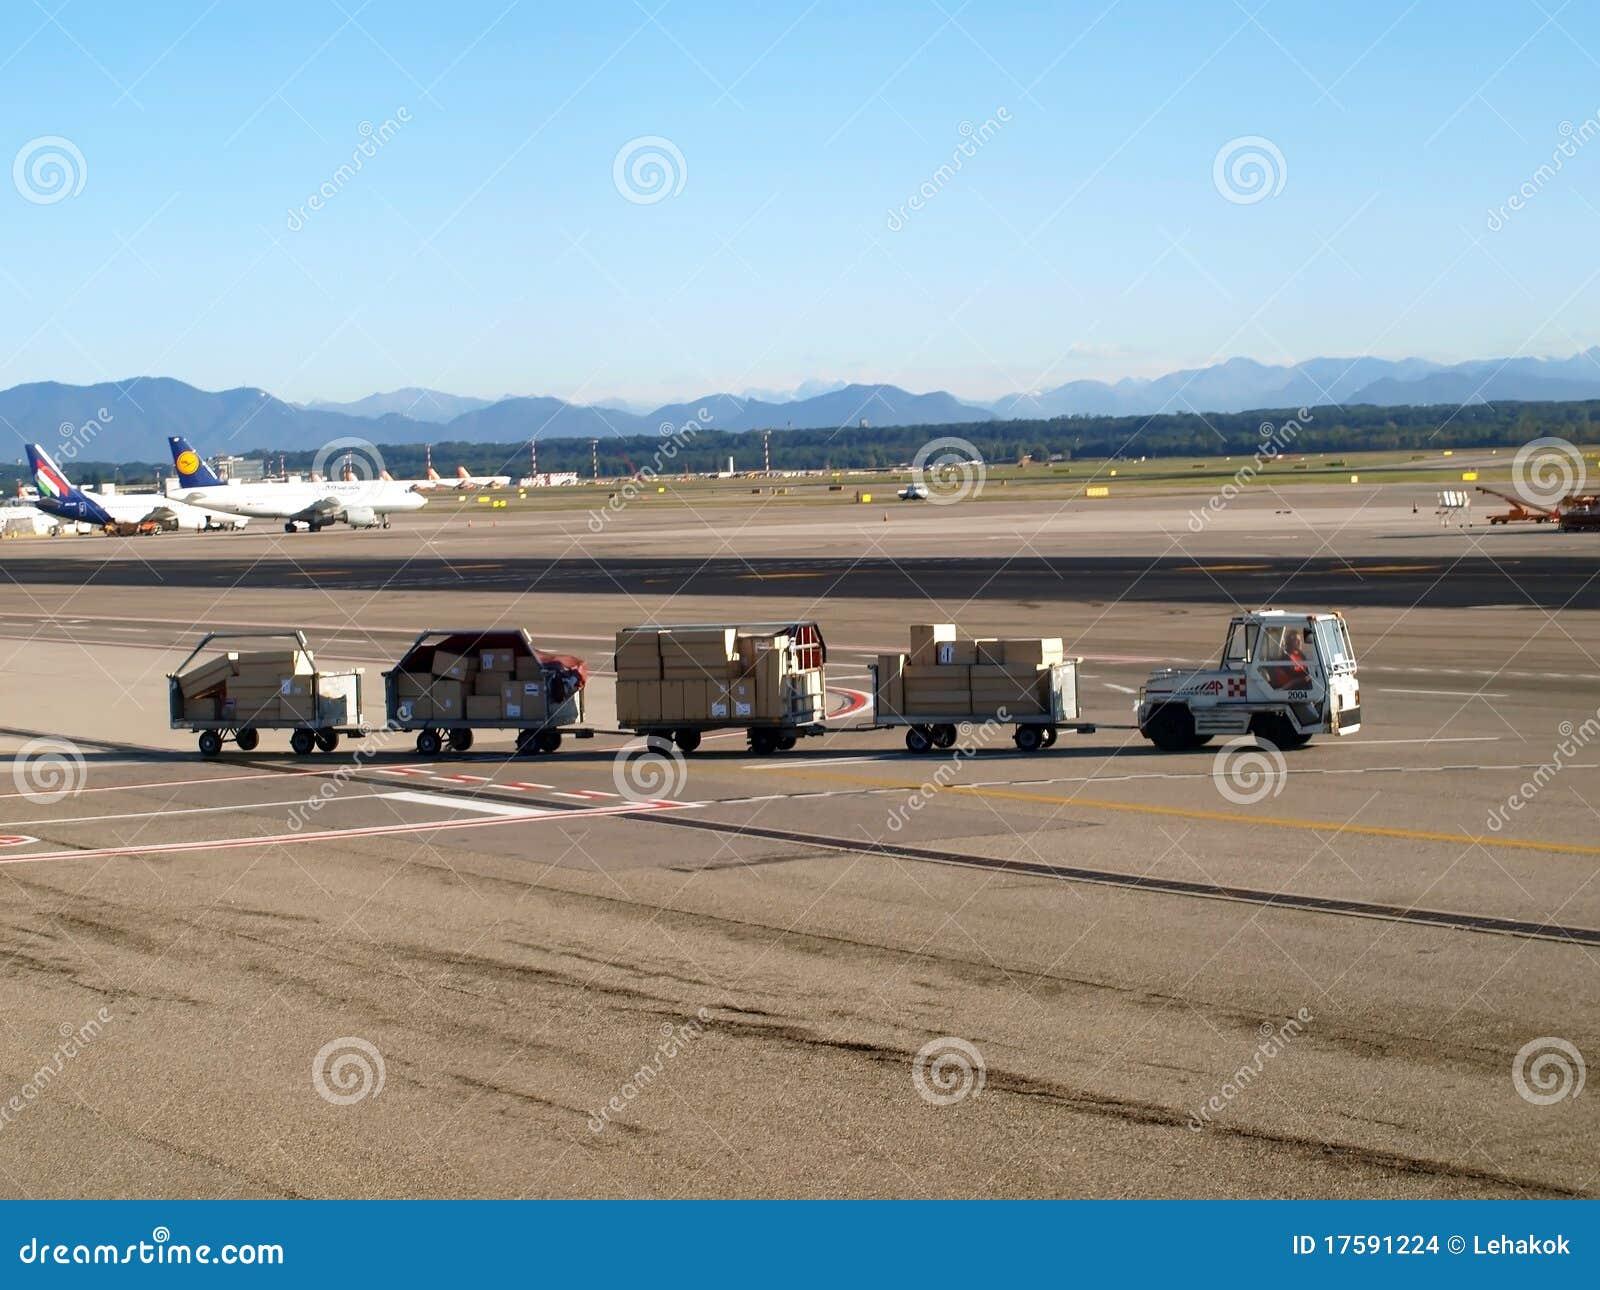 Car Service Paris Charles De Gaulle Airport